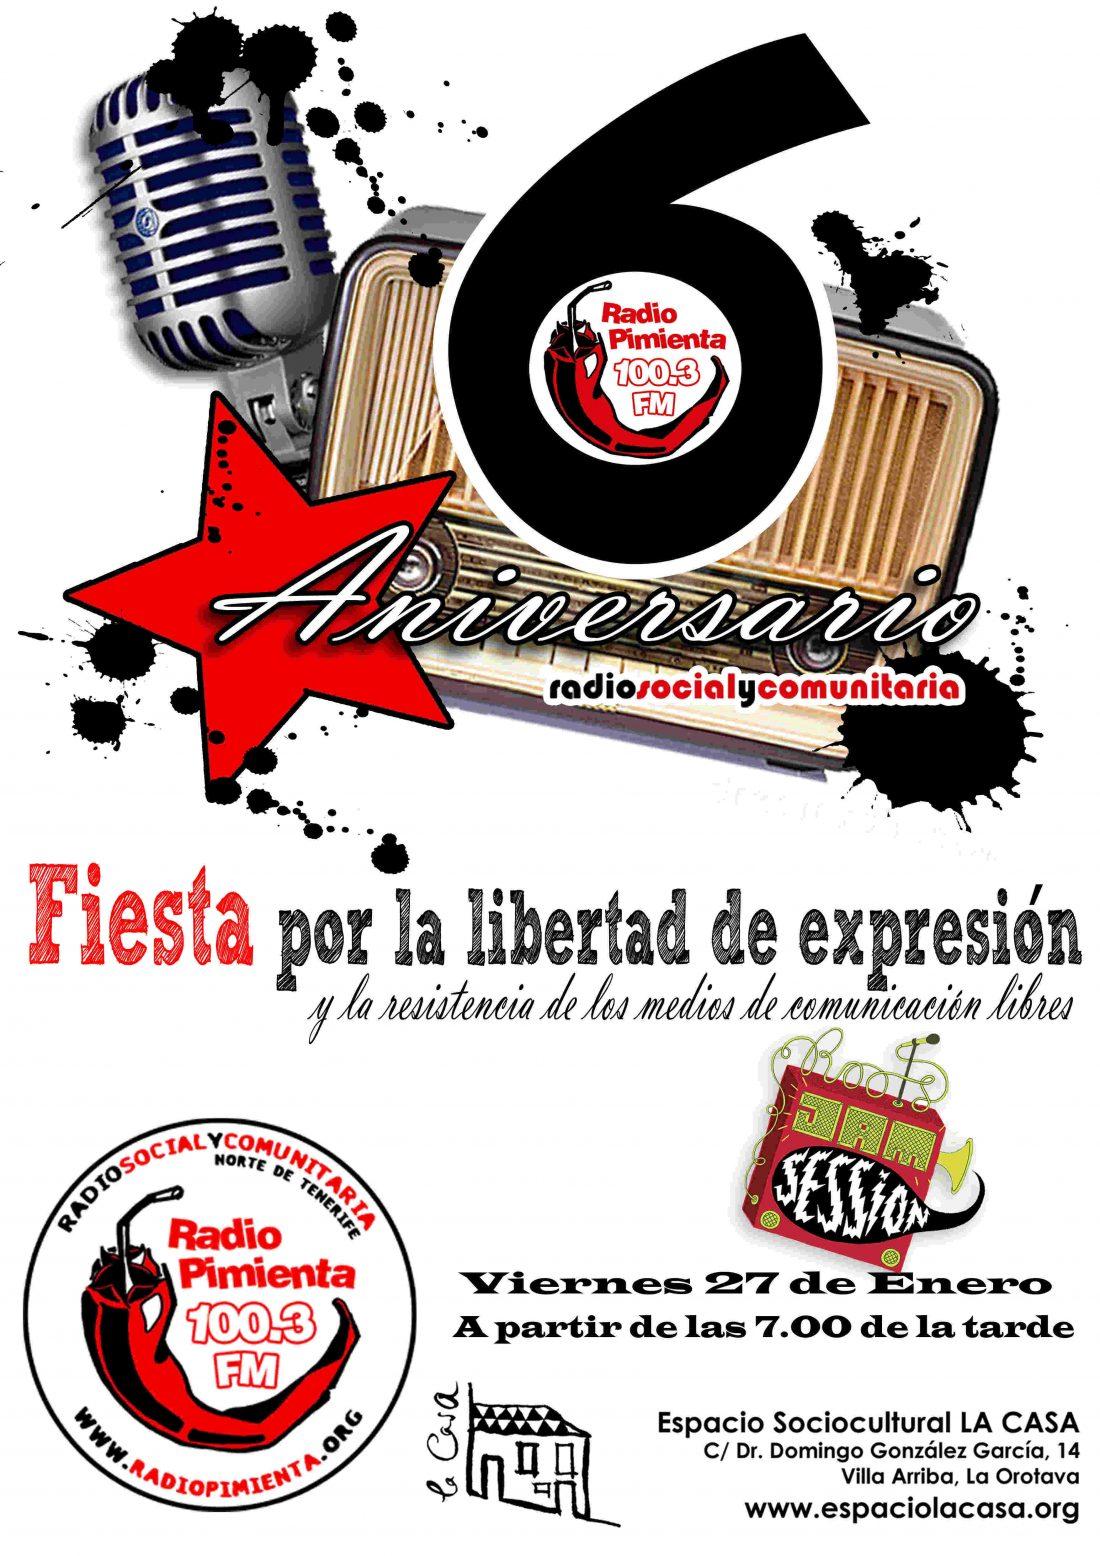 Tenerife. Represion contra Radio Pimienta